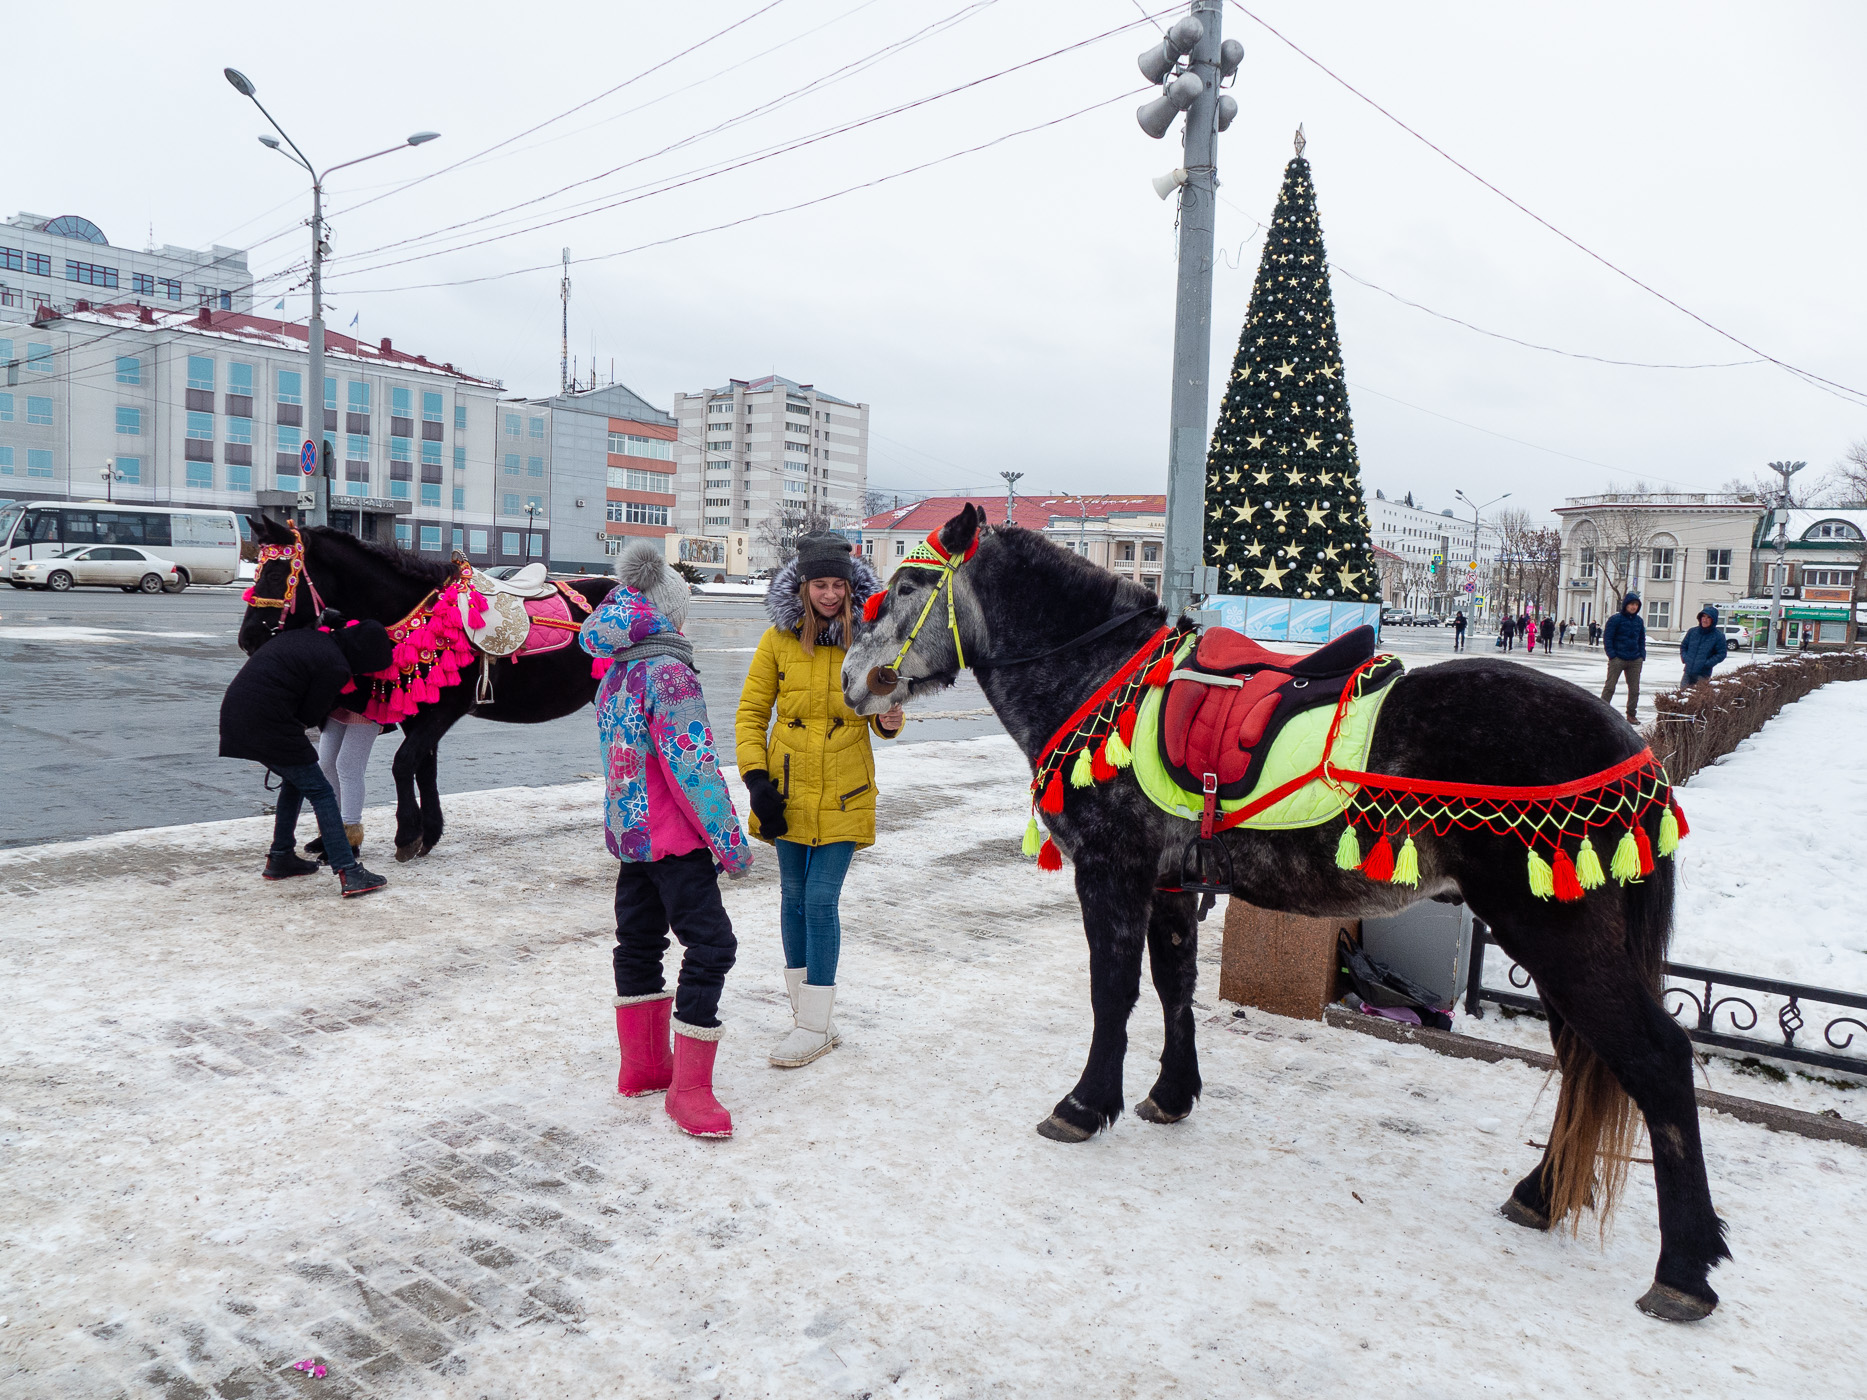 ユジノサハリンスクの街歩き